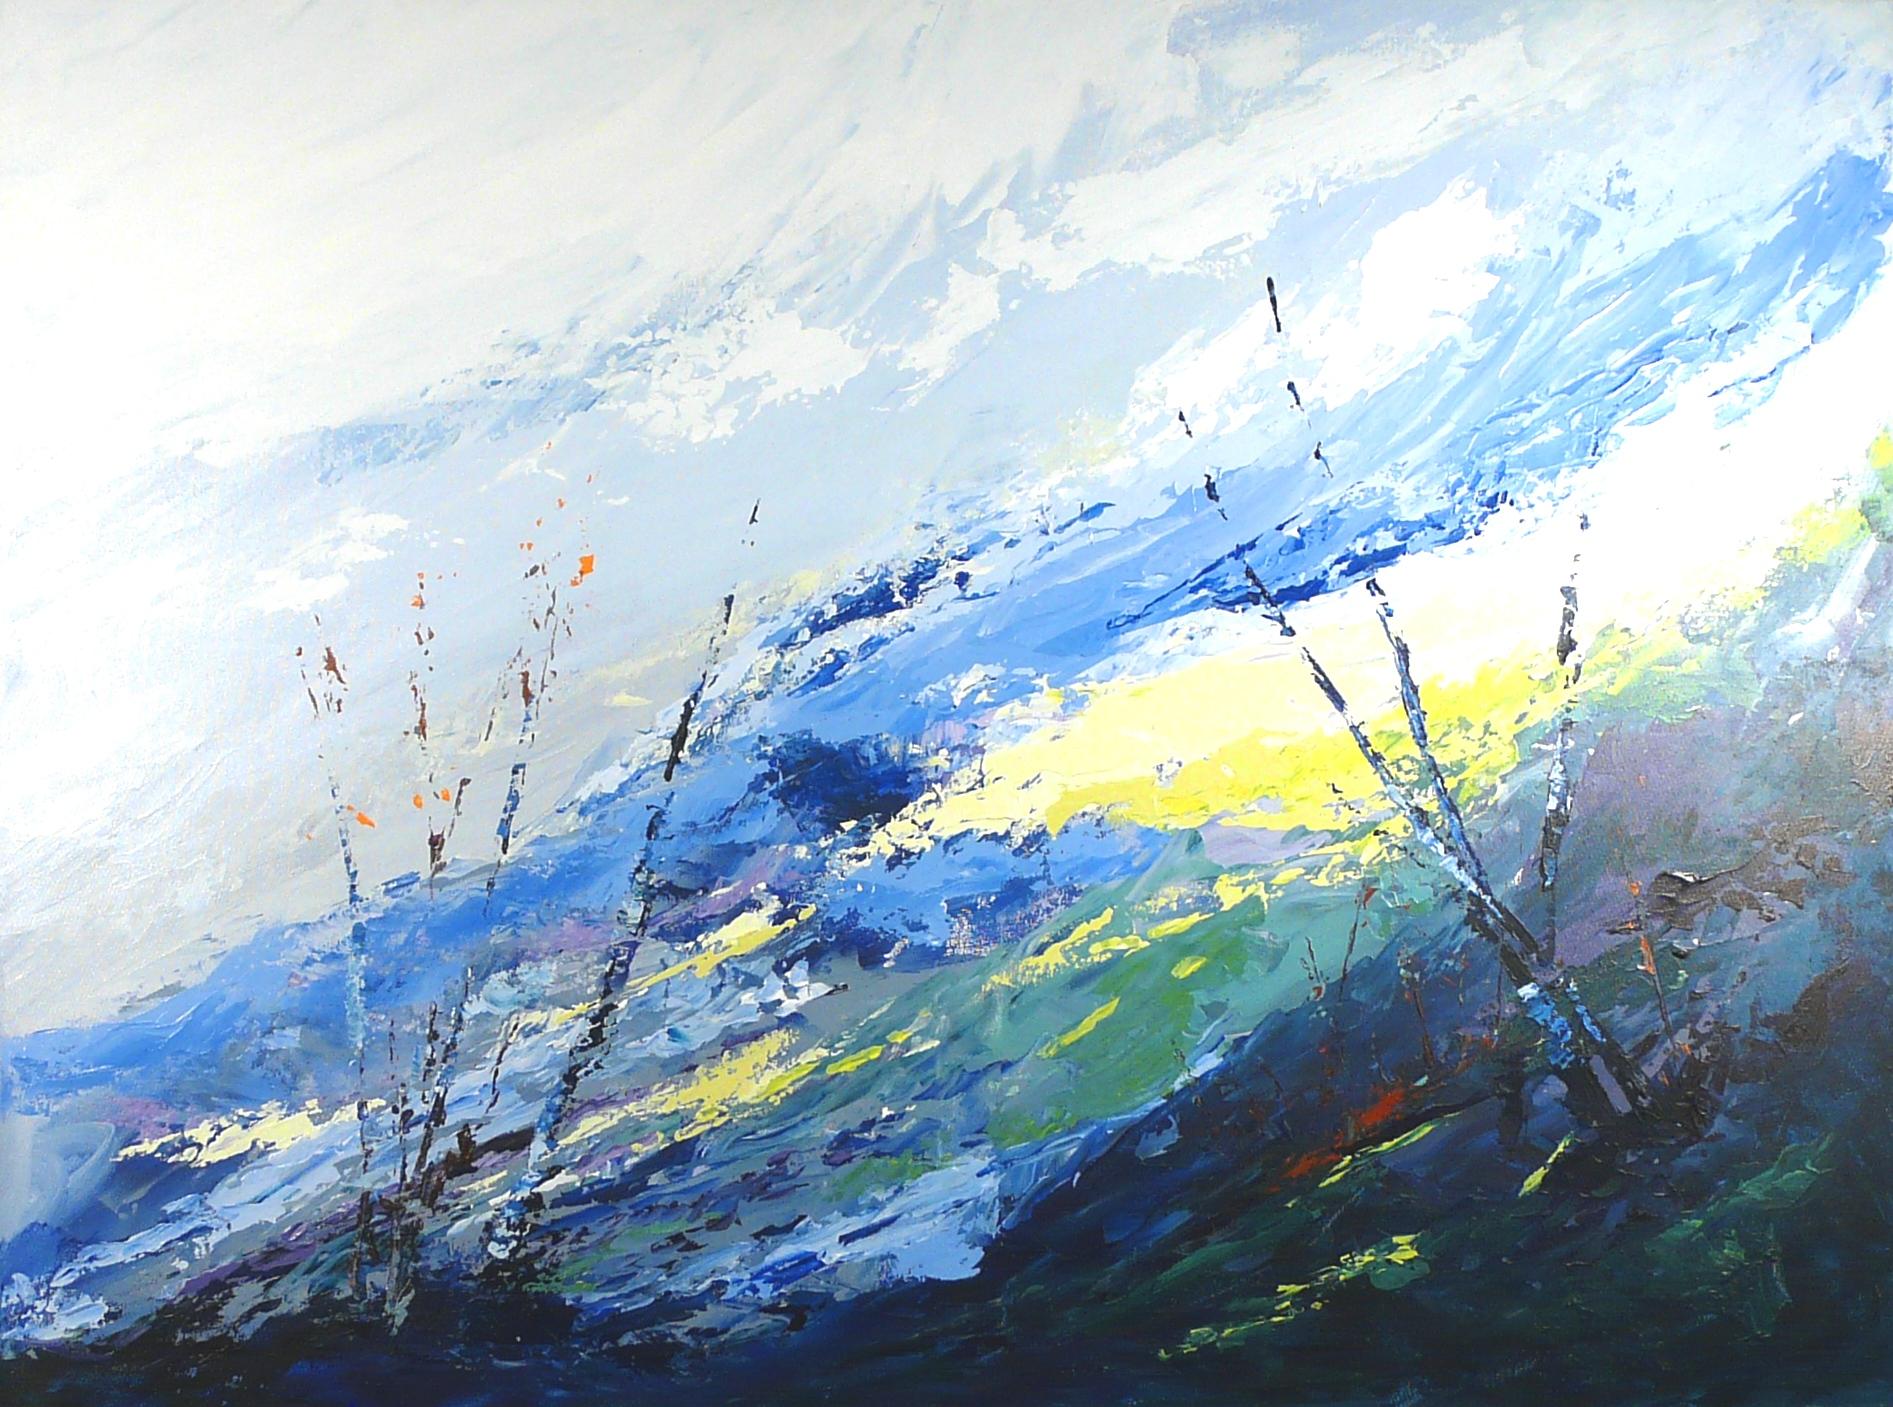 Terre d'hiver no 18 - 30x40 po - Acrylique sur toile (Disponible)